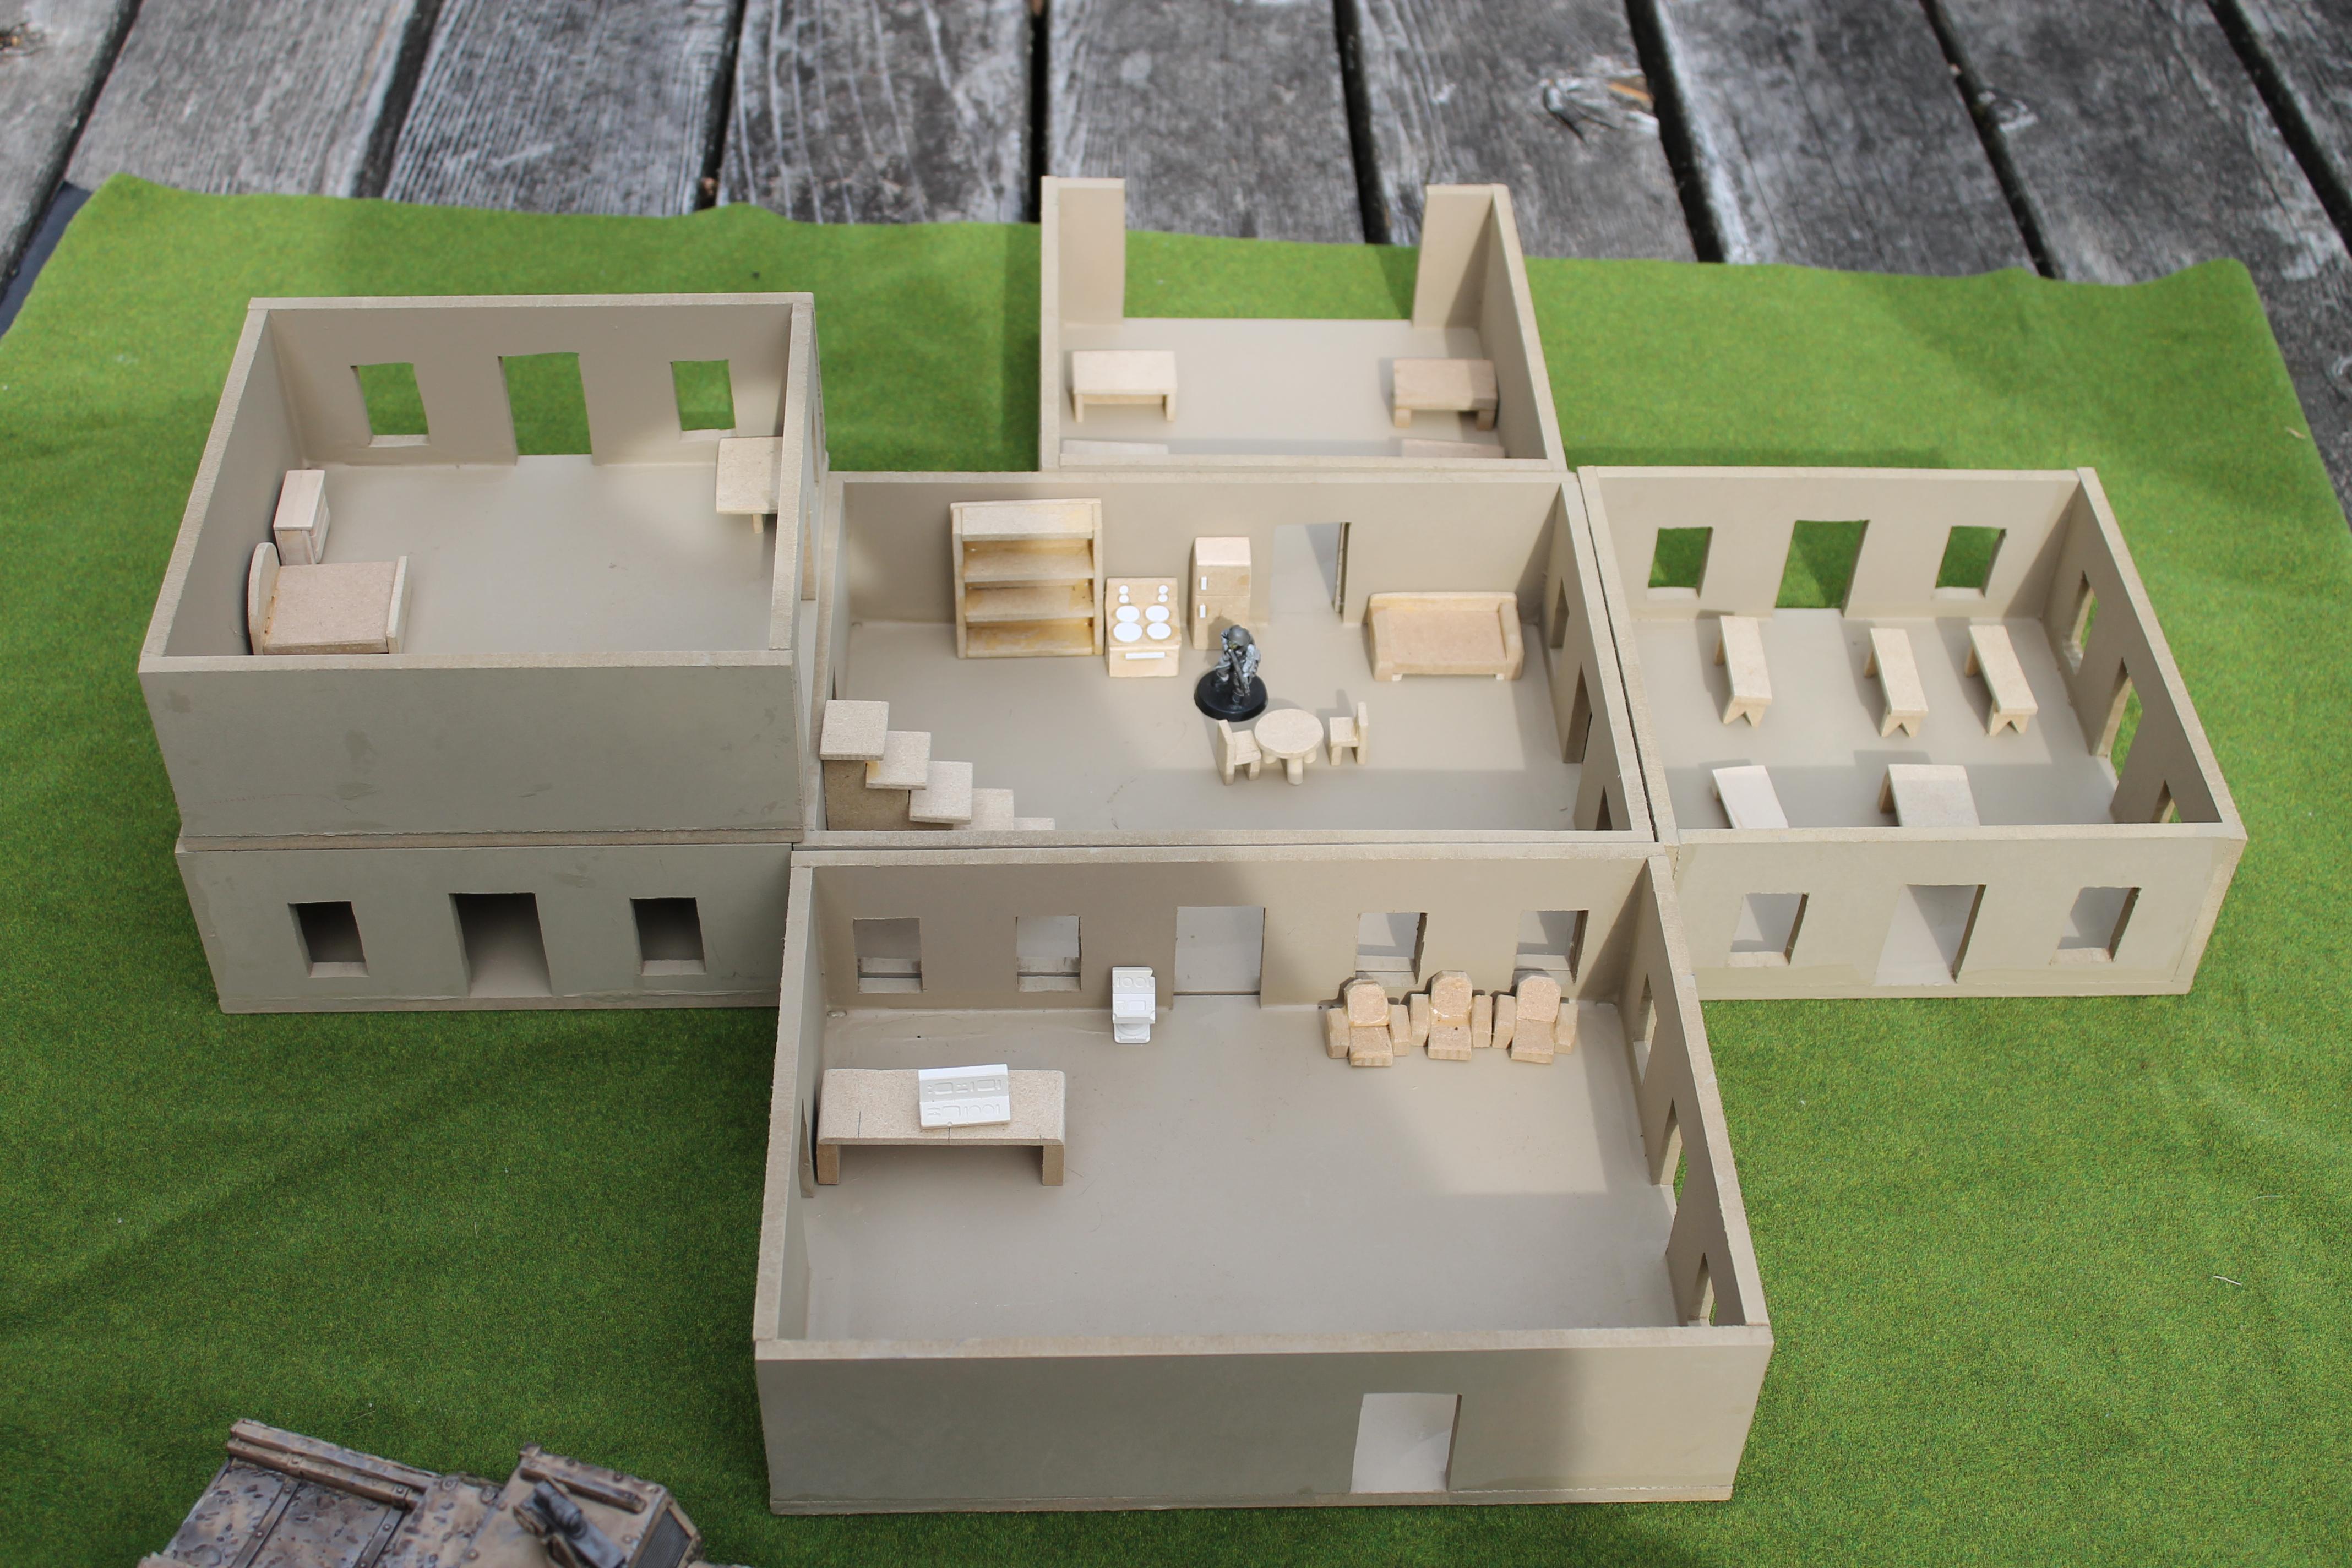 Buildings, Interior, Terrain